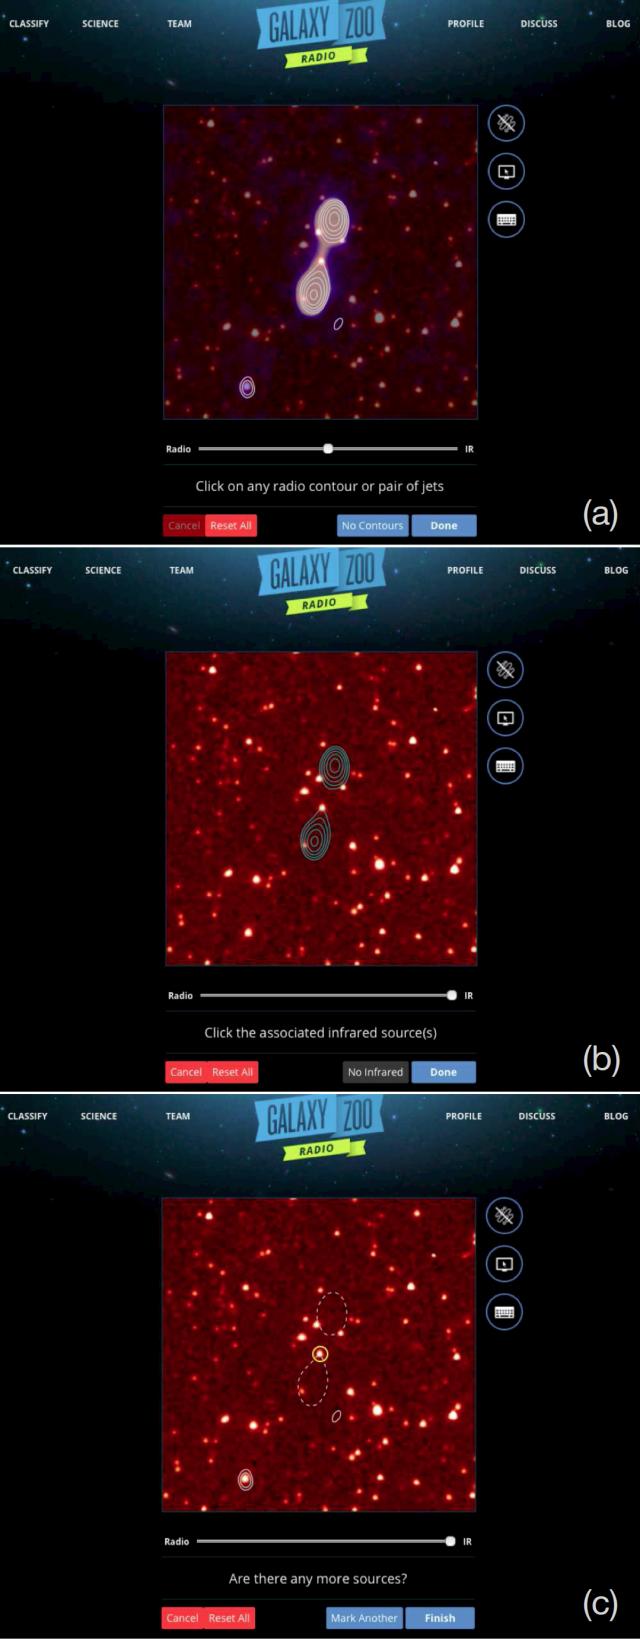 Interfaz de Radio Galaxy Zoo. Cada panel muestra los pasos que se deben realizar a la hora de identificar radiofuentes con la galaxia huésped en infrarrojo. Cada panel muestra una imagen con un tamaño de 3 minutos de arco (1/10 parte del diámetro aparente de la luna llena en el cielo) por 3 minutos de arco centrada en la radiofuente que aleatoriamente ha tocado estudiar. En el panel superior (a) se selecciona las componentes que pertenecen a la misma radiofuente. En este ejemplo, las dos radiofuentes centrales parecen corresponder a la misma radiogalaxia. En el panel medio (b), donde aparecen los contornos en radio superpuestos sobre la imagen en infrarrojo, se asocia la componente estelar de la galaxia a la emisión en radio seleccionada. Finalmente, en el panel inferior (c) se elige entre clasificar otra de las radiofuentes que puedan aparece en el campo de visión (en este ejemplo se ha clasificado otro objeto localizado abajo a la izquierda de la radiofuente principal) o pasar a un nuevo objeto. Crédito de la imagen: Julie Banfield (CSIRO/ANU/RSAA) y equipo RGZ.